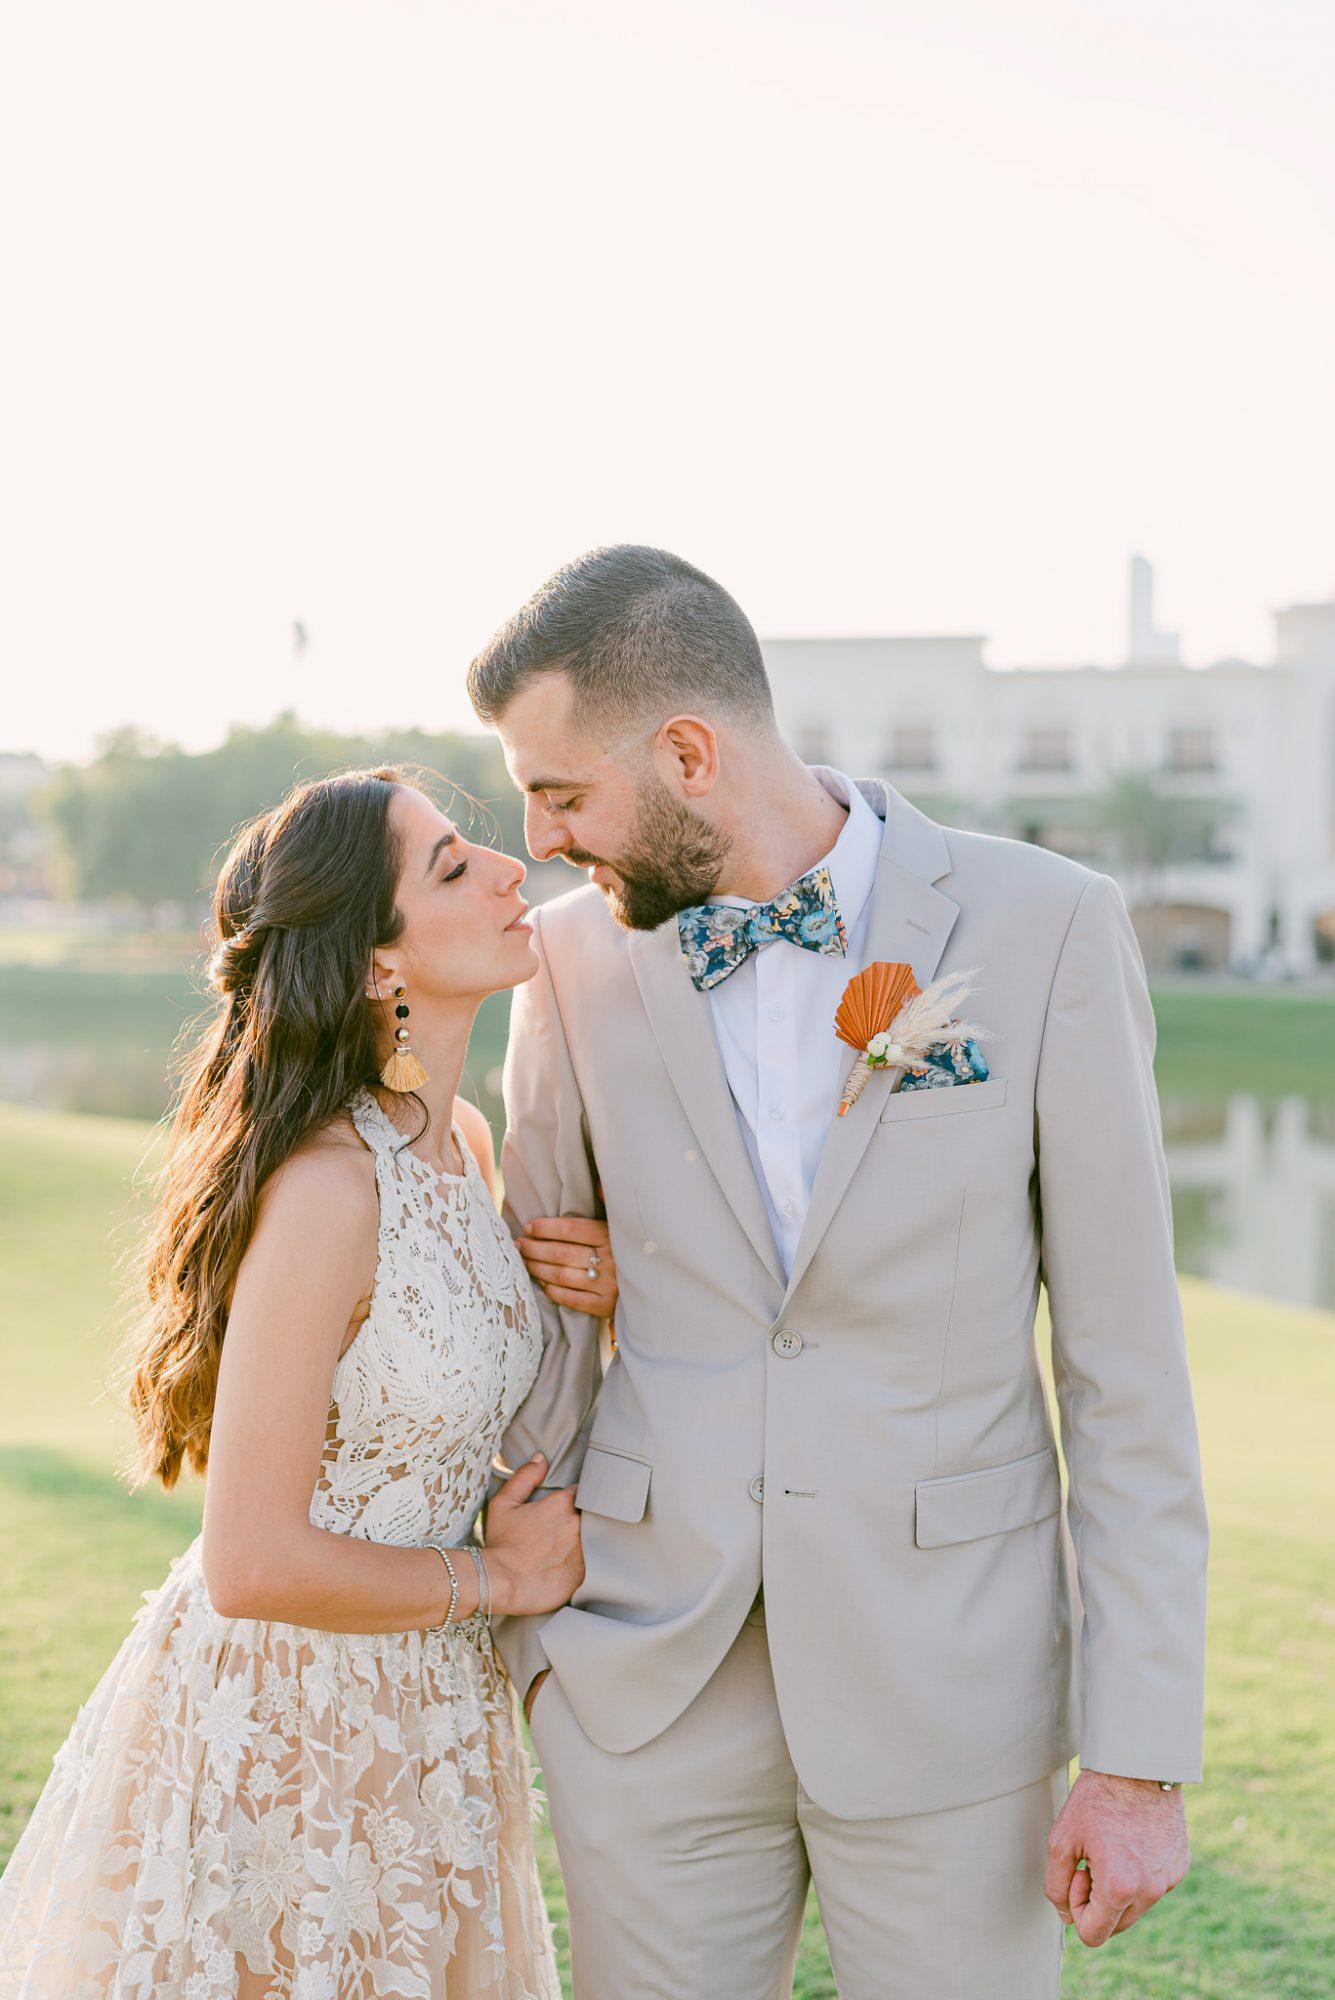 wedding couple pre-kiss portrait outdoors